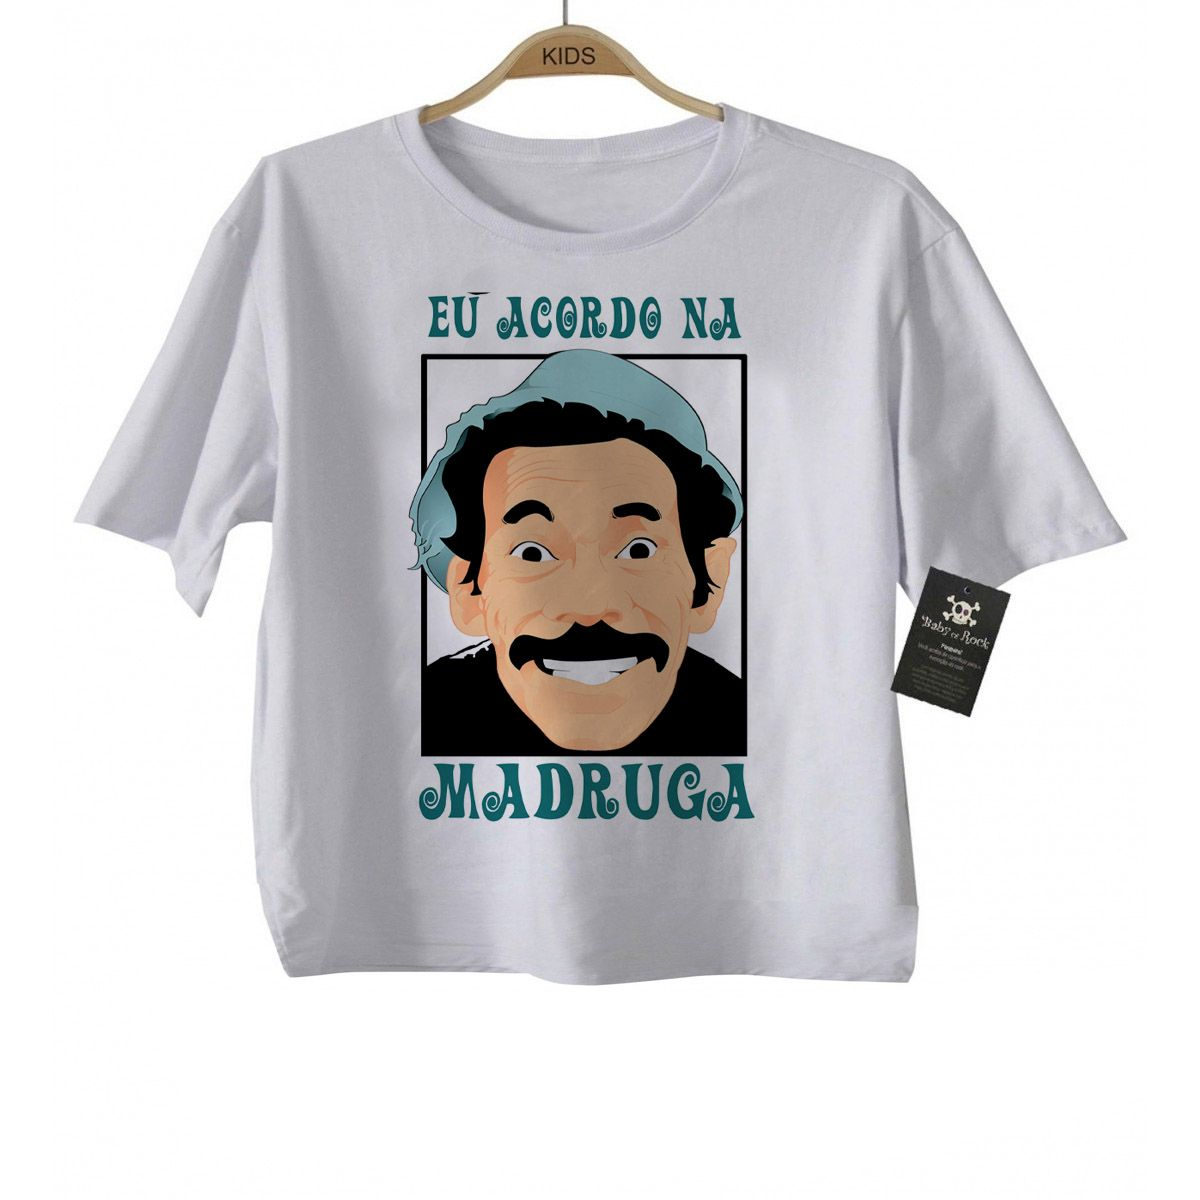 Camiseta  Infantil Divertida - Eu acordo na madruga - White  - Baby Monster - Body Bebe